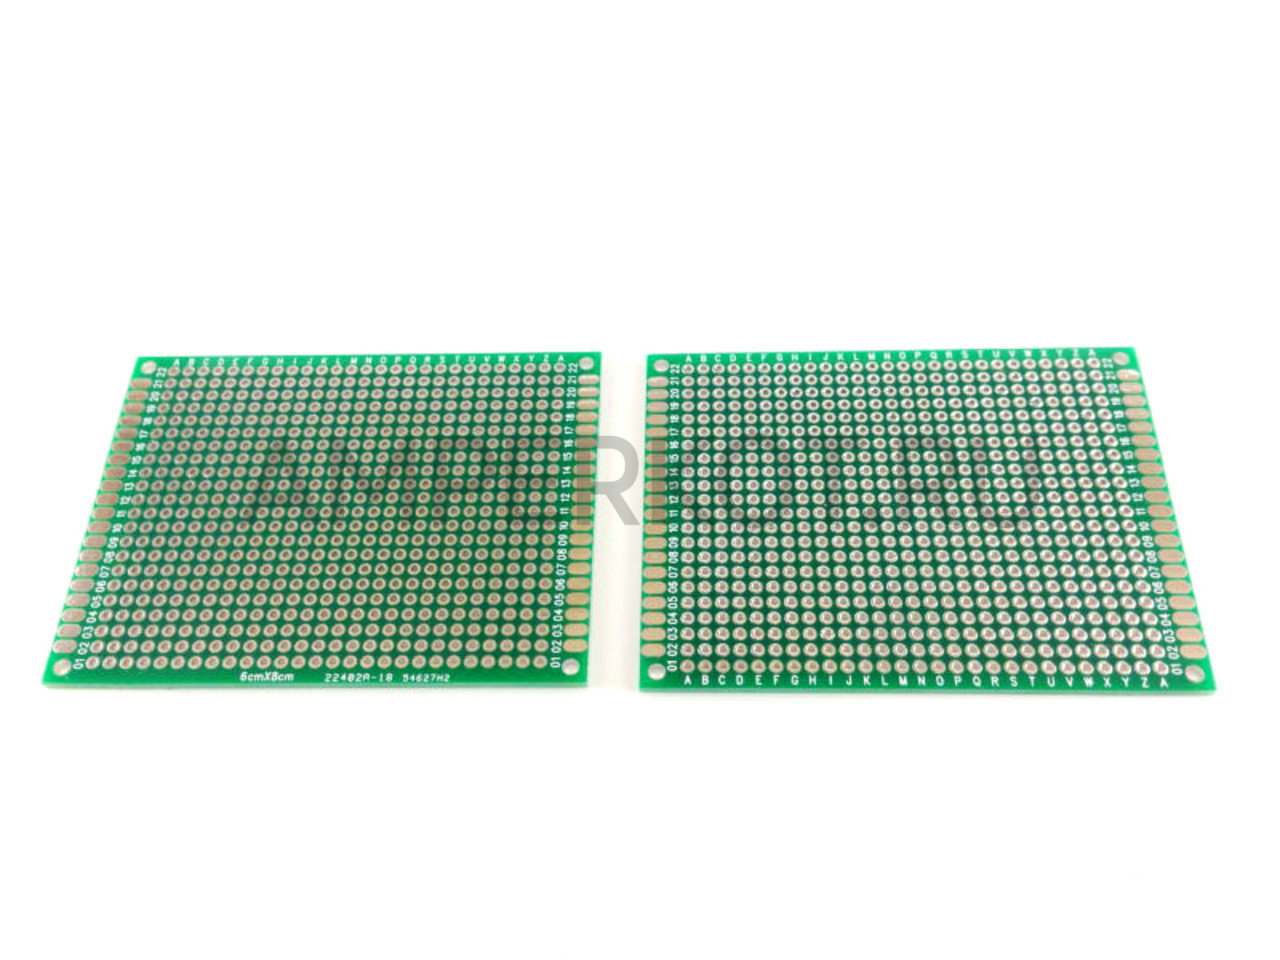 PCB Макетная плата для пайки двусторонняя 7x9см